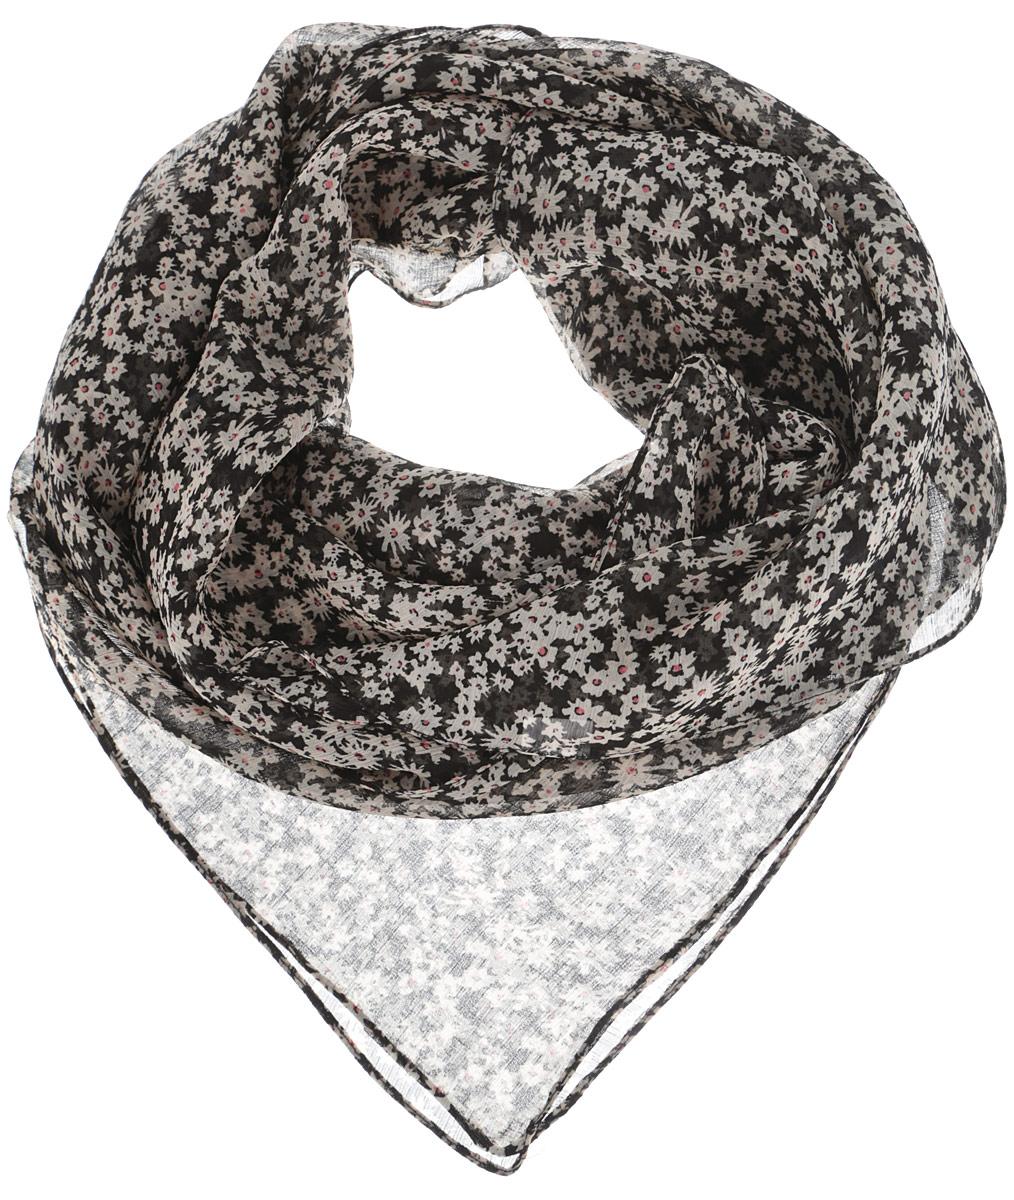 Платок524040нСтильный женский платок Ethnica станет великолепным завершением любого наряда. Платок изготовлен из высококачественной 100% вискозы и оформлен изысканным мелким цветочным принтом. Классическая квадратная форма позволяет носить платок на шее, украшать им прическу или декорировать сумочку. Легкий и шелковистый платок поможет вам создать изысканный женственный образ, а также согреет в непогоду. Такой платок превосходно дополнит любой наряд и подчеркнет ваш неповторимый вкус и элегантность.